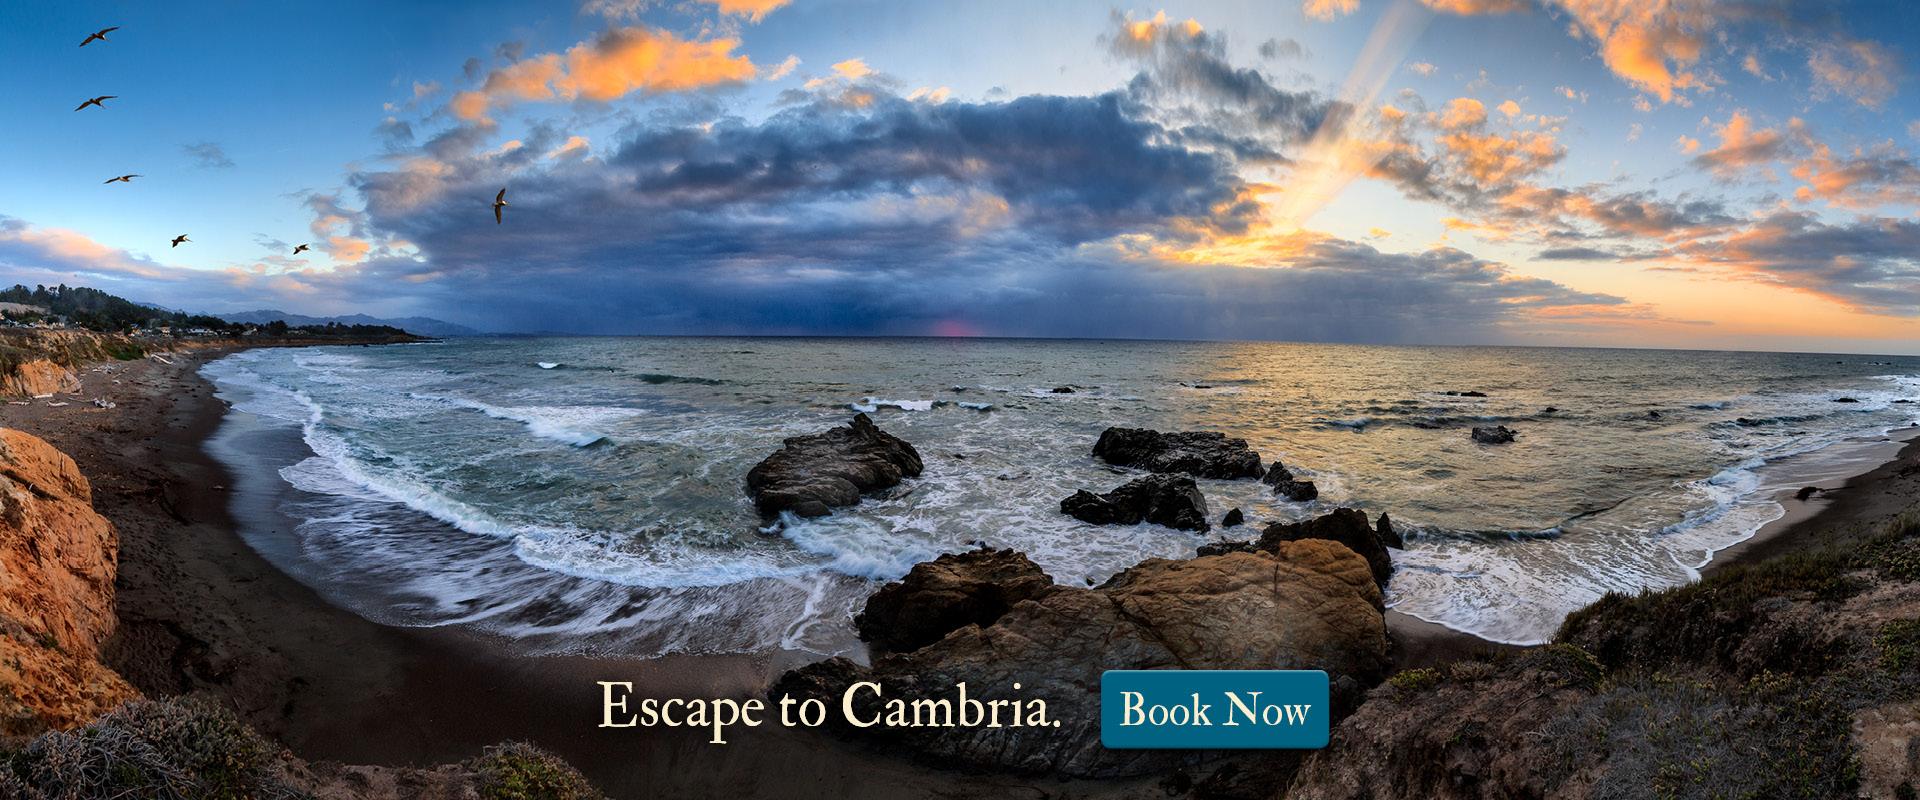 Escape to Cambria